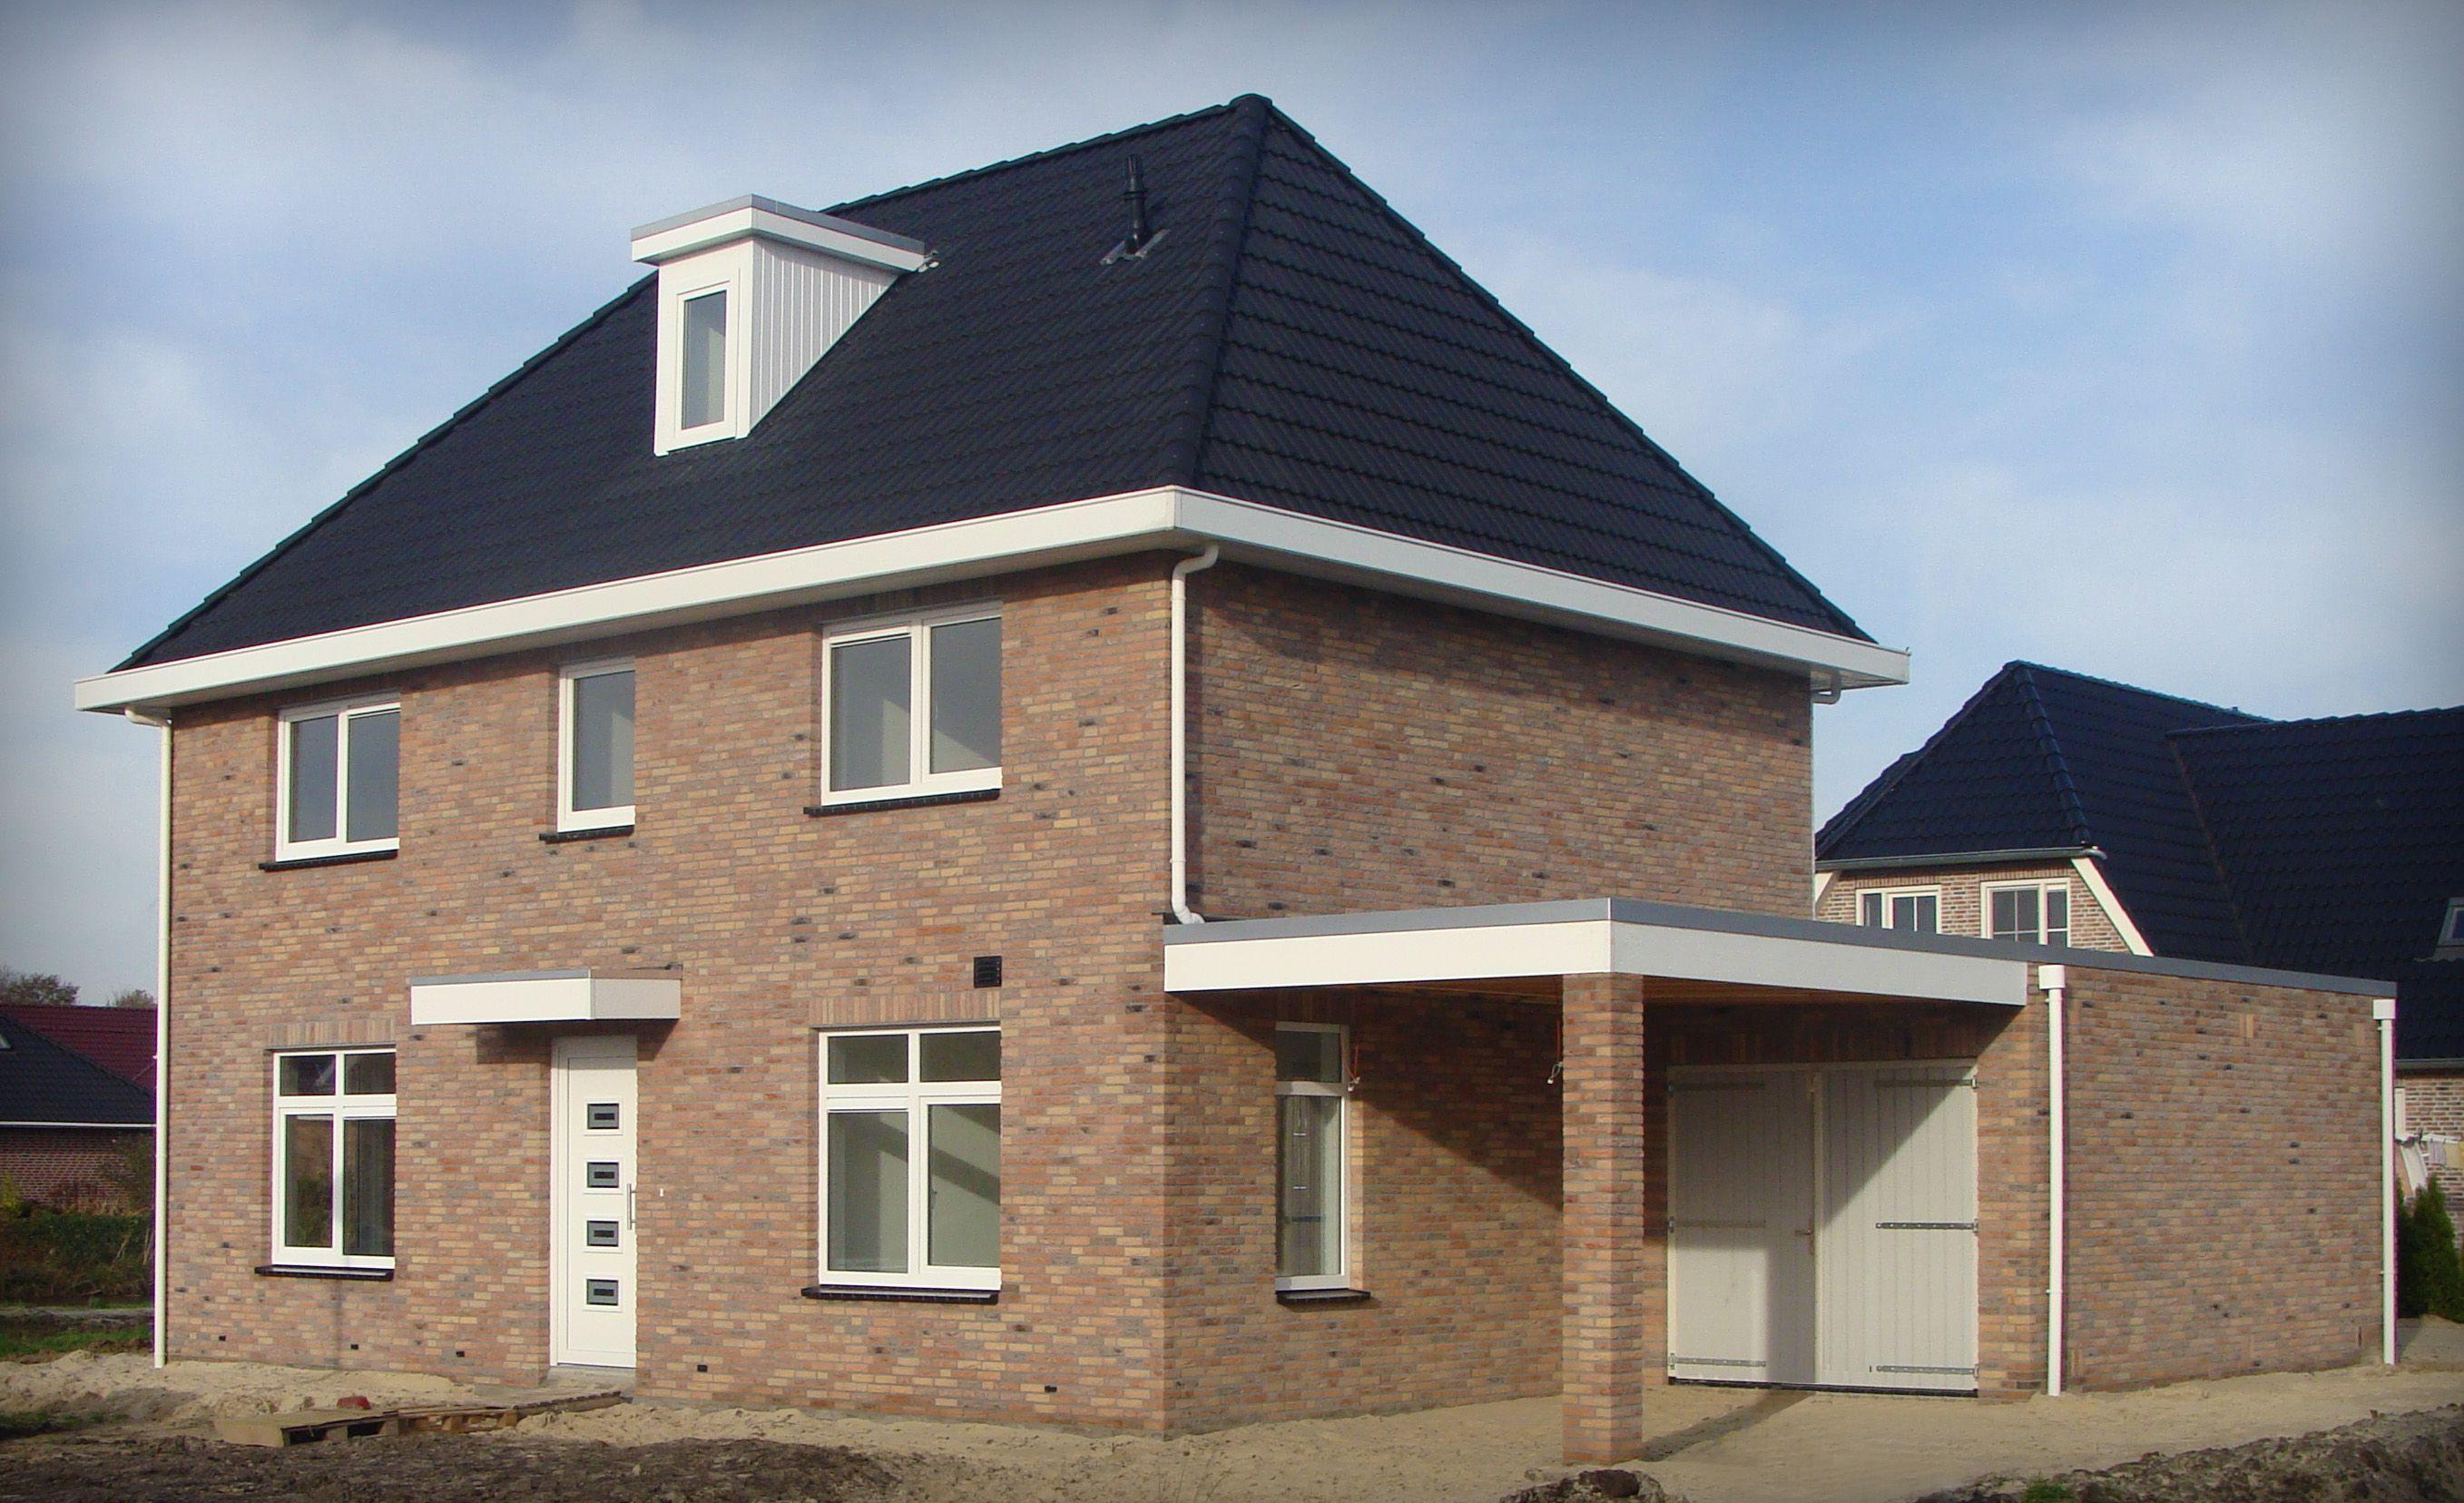 Eigen ontwerp varianthuis for Ontwerp eigen huis